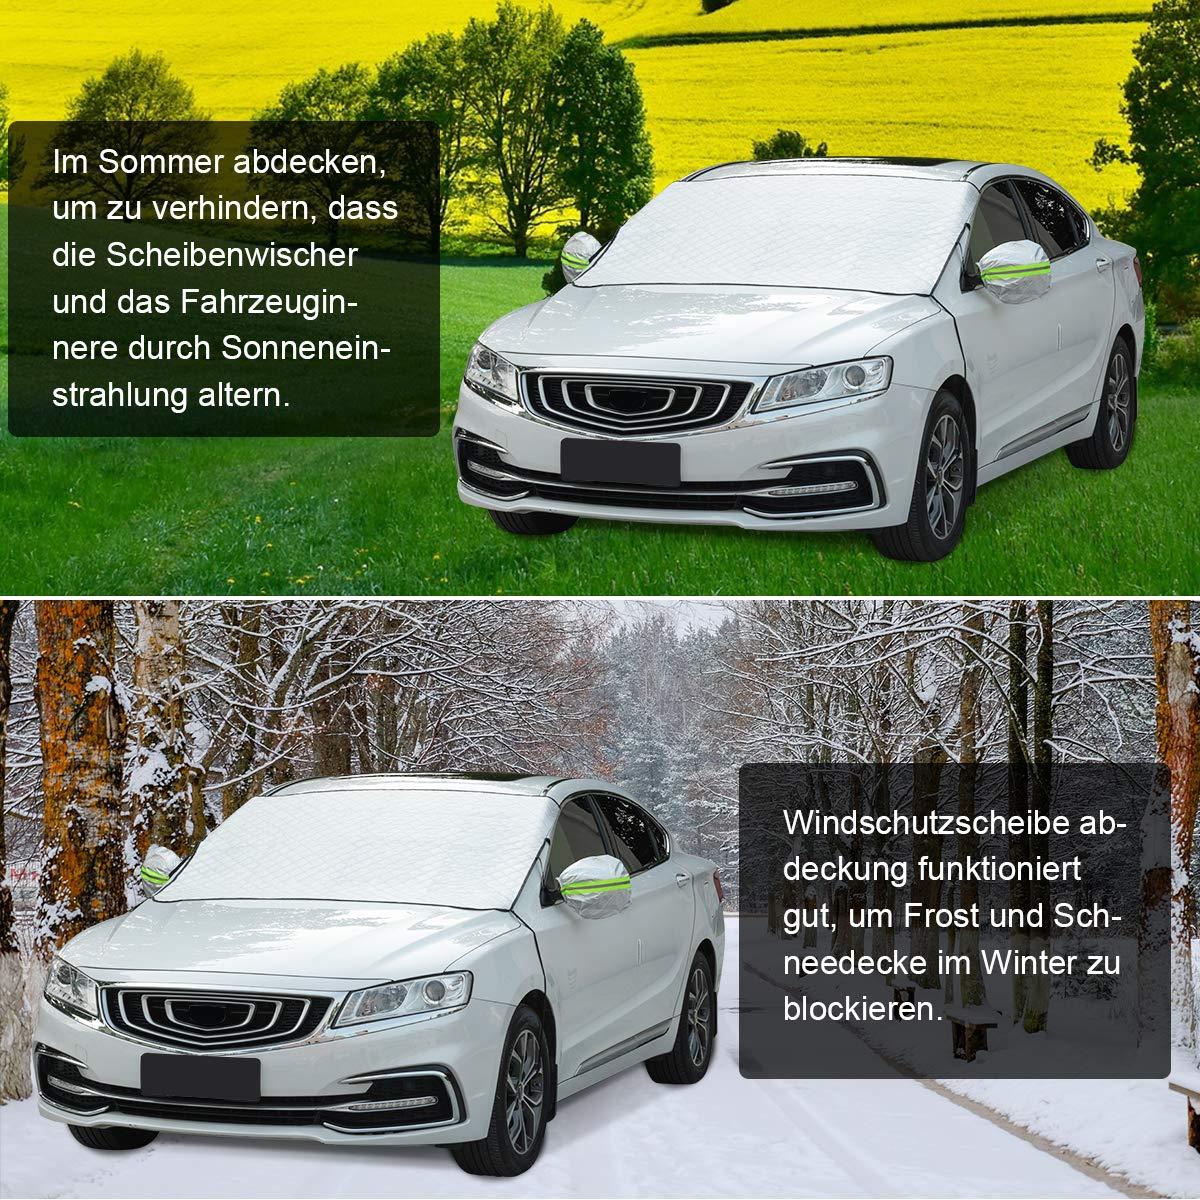 thorityau 5M 16.4FT Auto zierleisten innen Streifen Linie Instrument Zierstreifen Innen Helle Vorr/äte Auto Innenraum Zubeh/ör 4 Farben